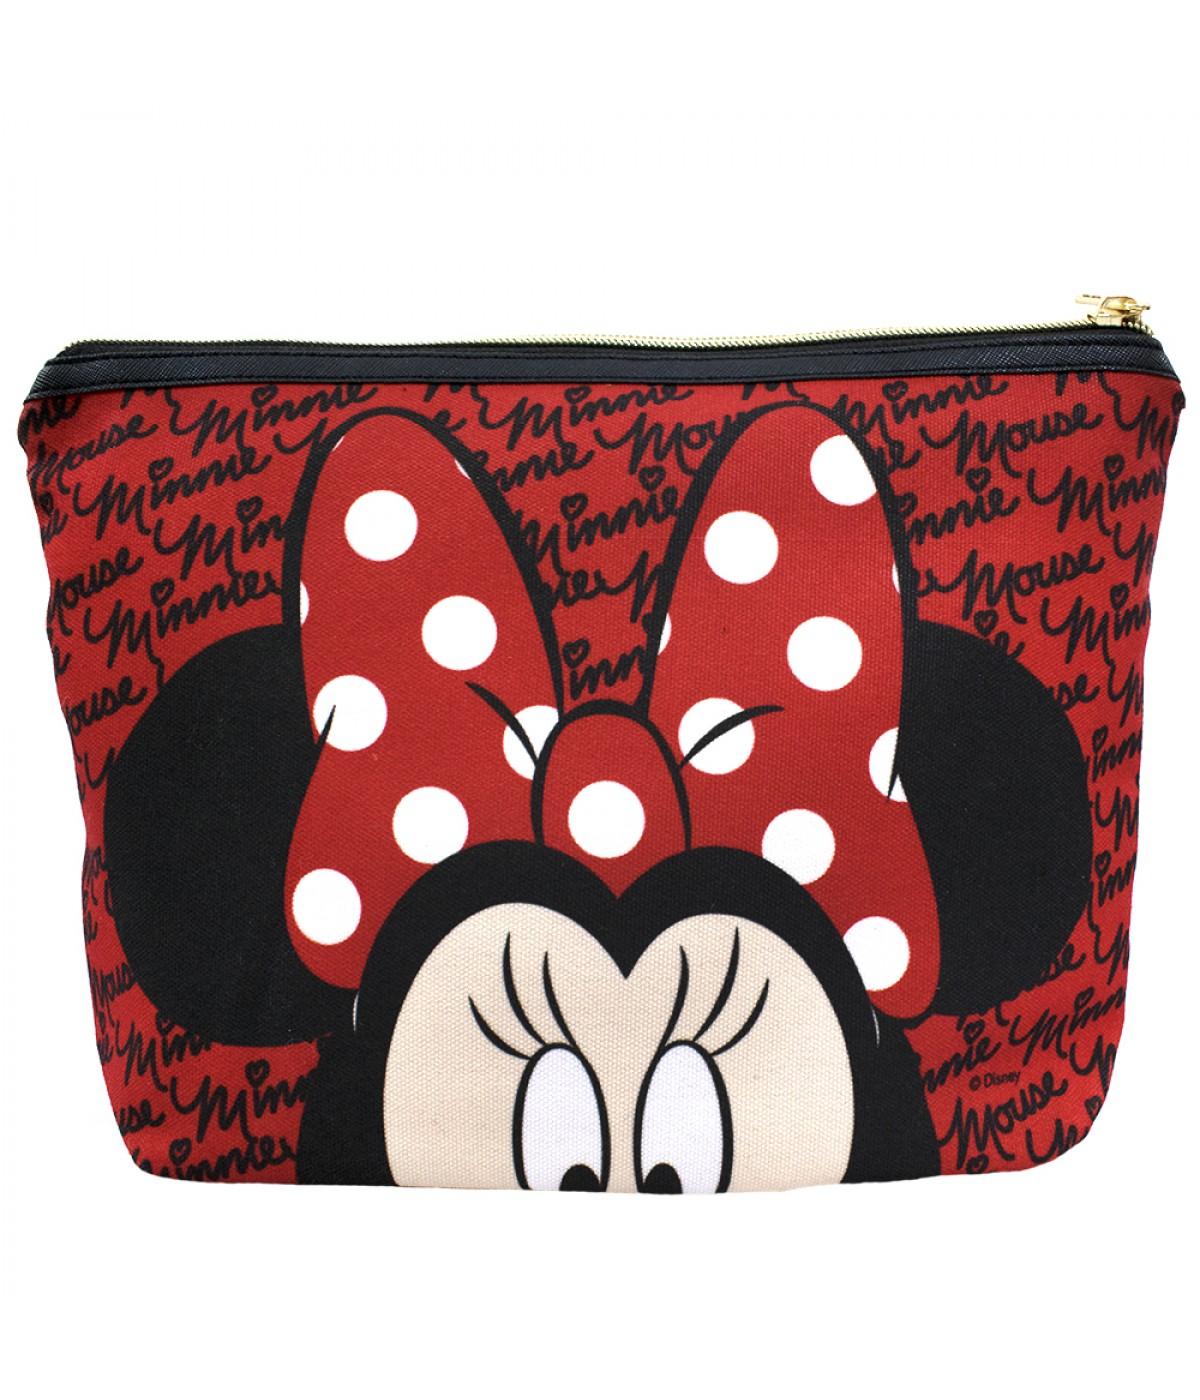 Necessaire Vermelho Assinatura Rosto Minnie Disney Dmg9040wmk16